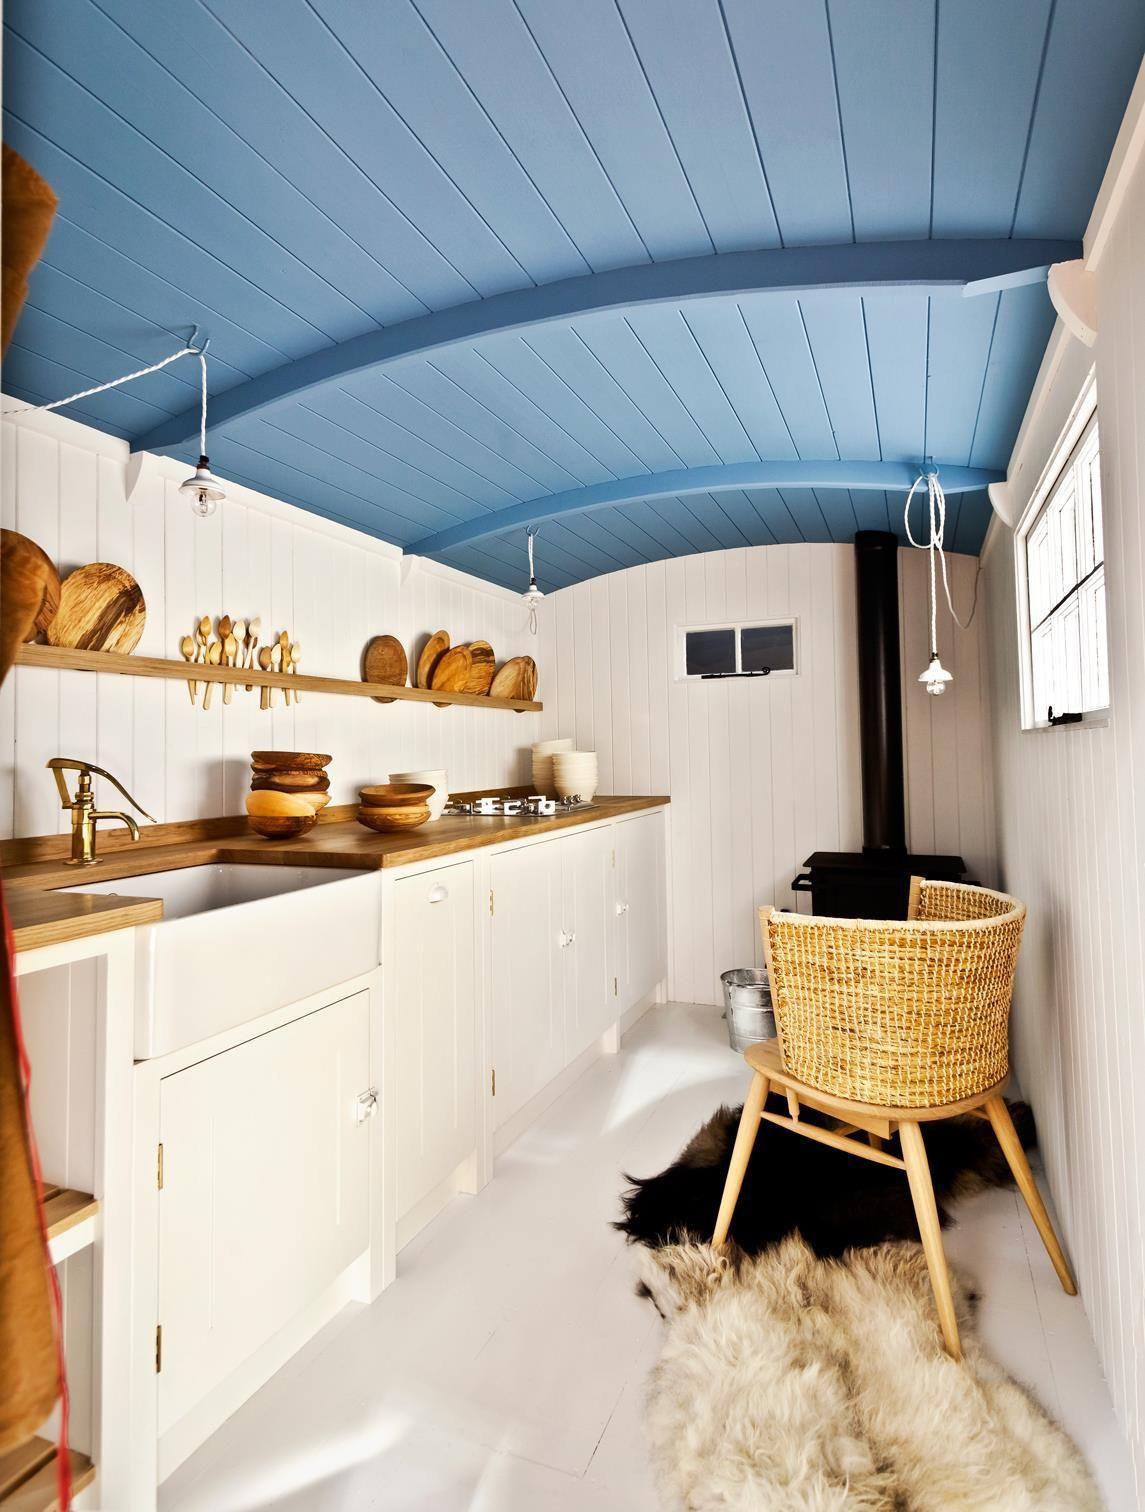 British Standard Cupboards Shepherds Hut | OFS | Pinterest | British ...